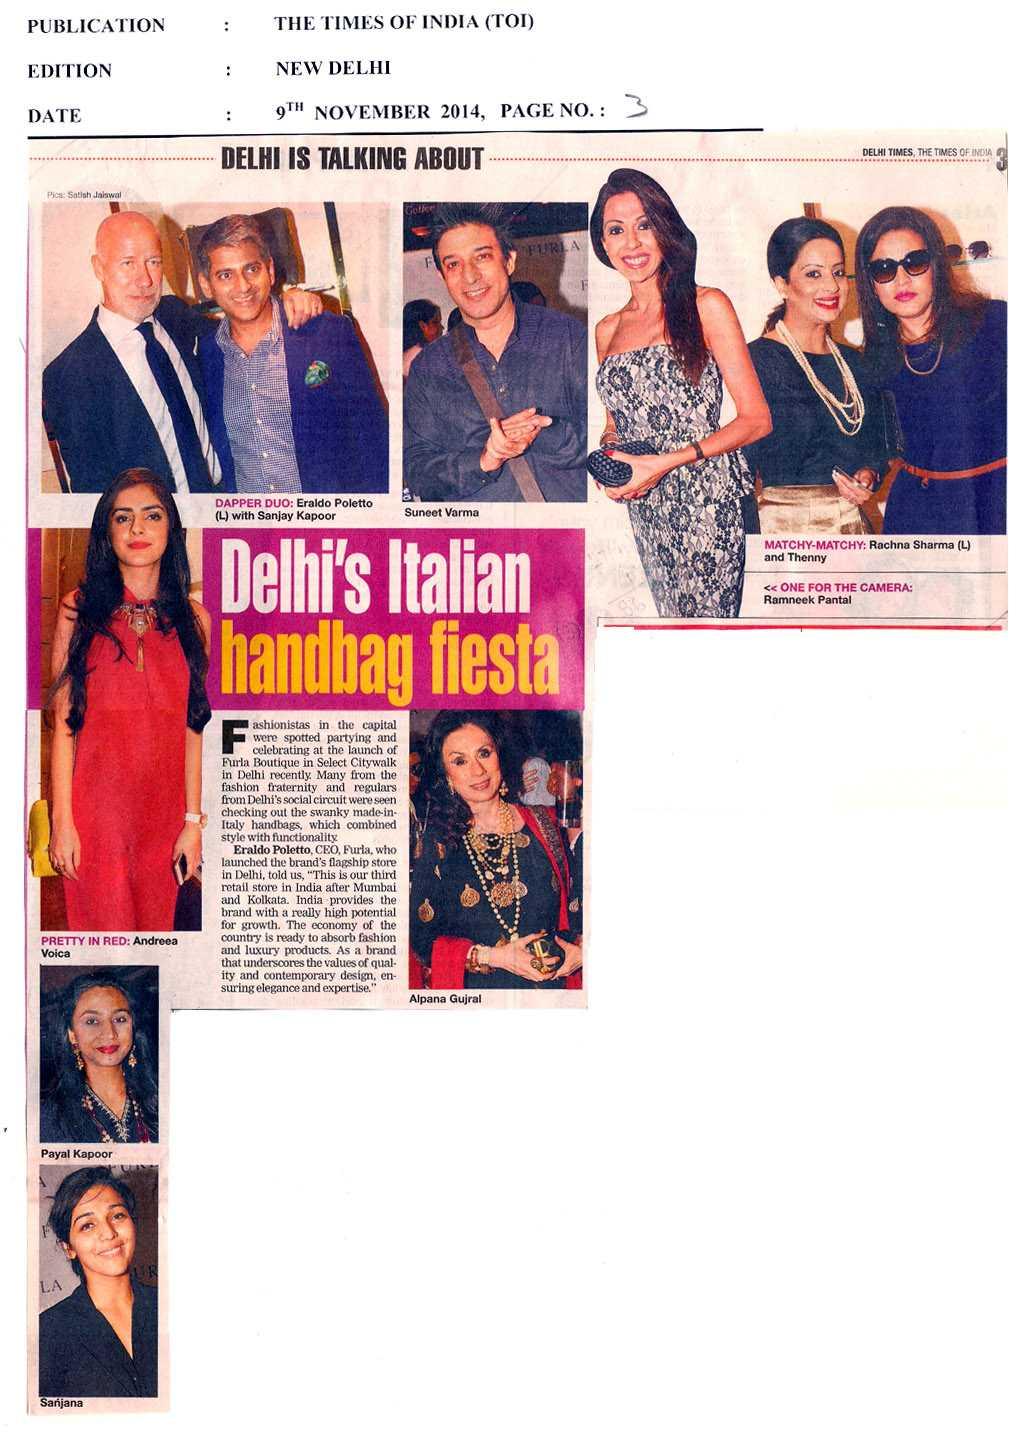 Delhi's Italian Handbags fiesta